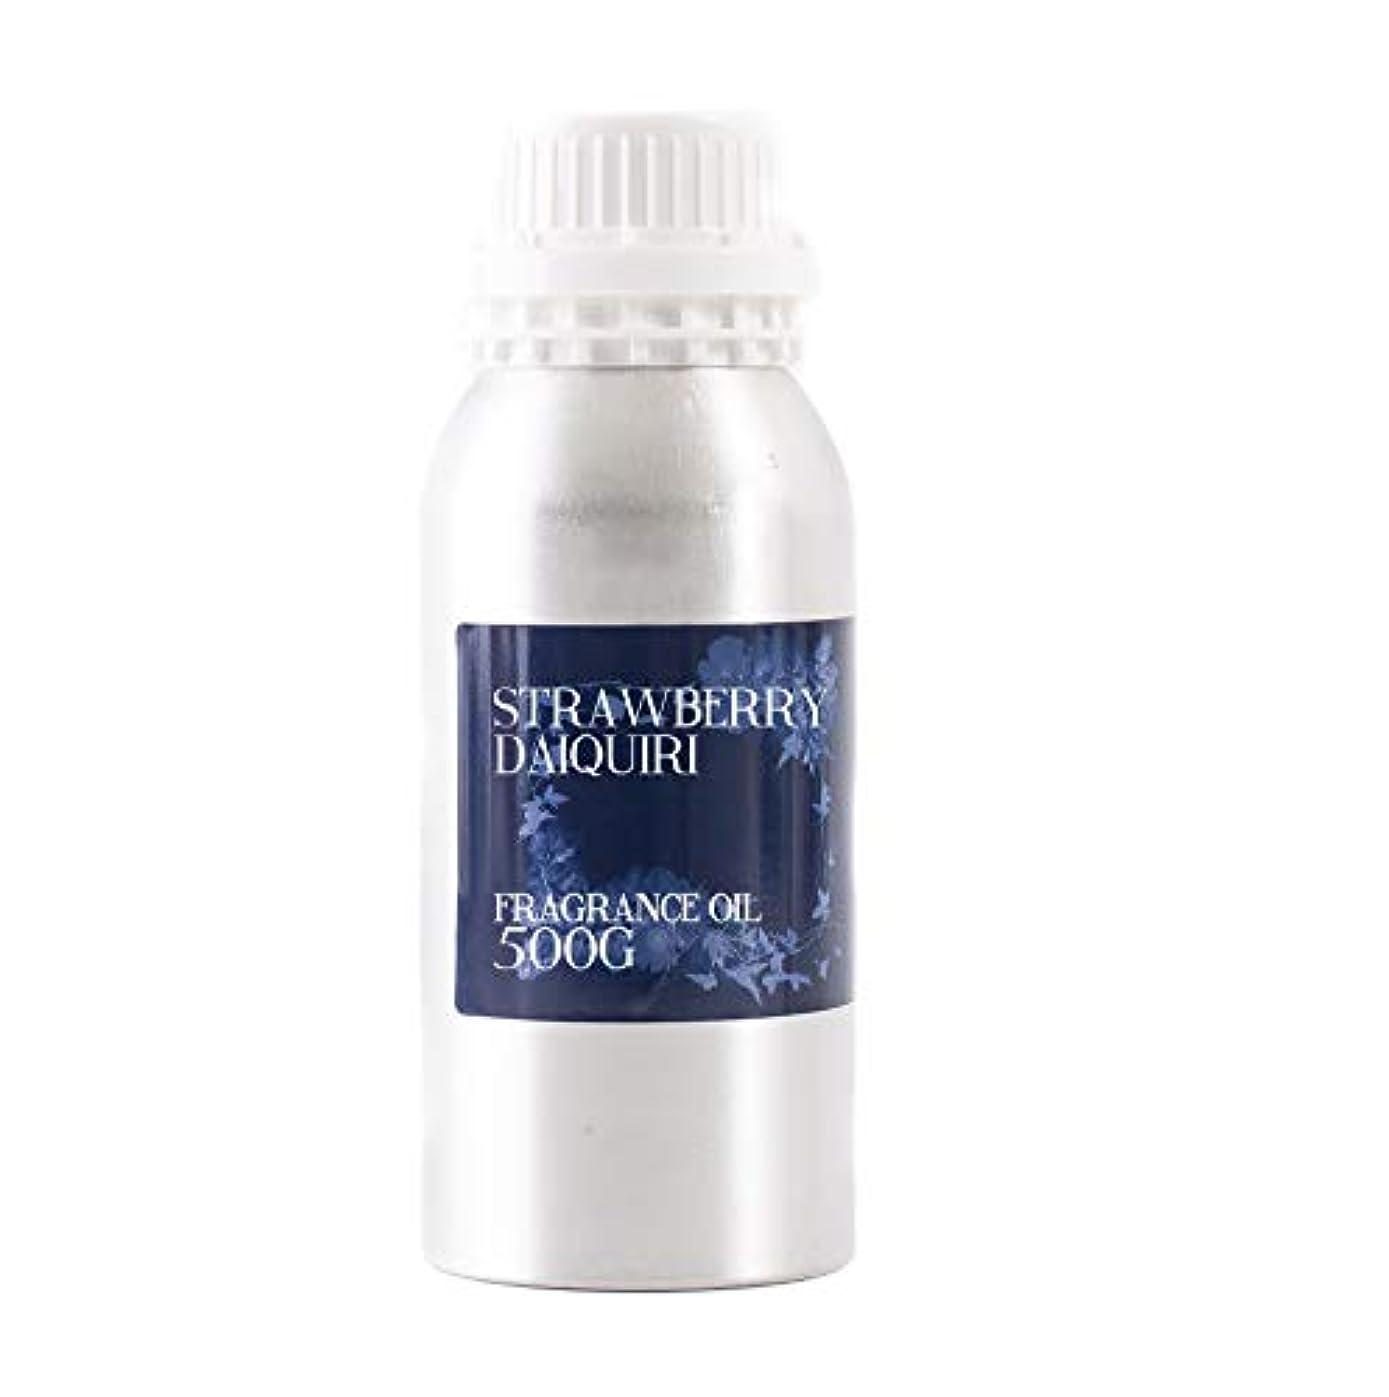 再現する永久に自己Mystic Moments | Strawberry Daiquiri Fragrance Oil - 500g